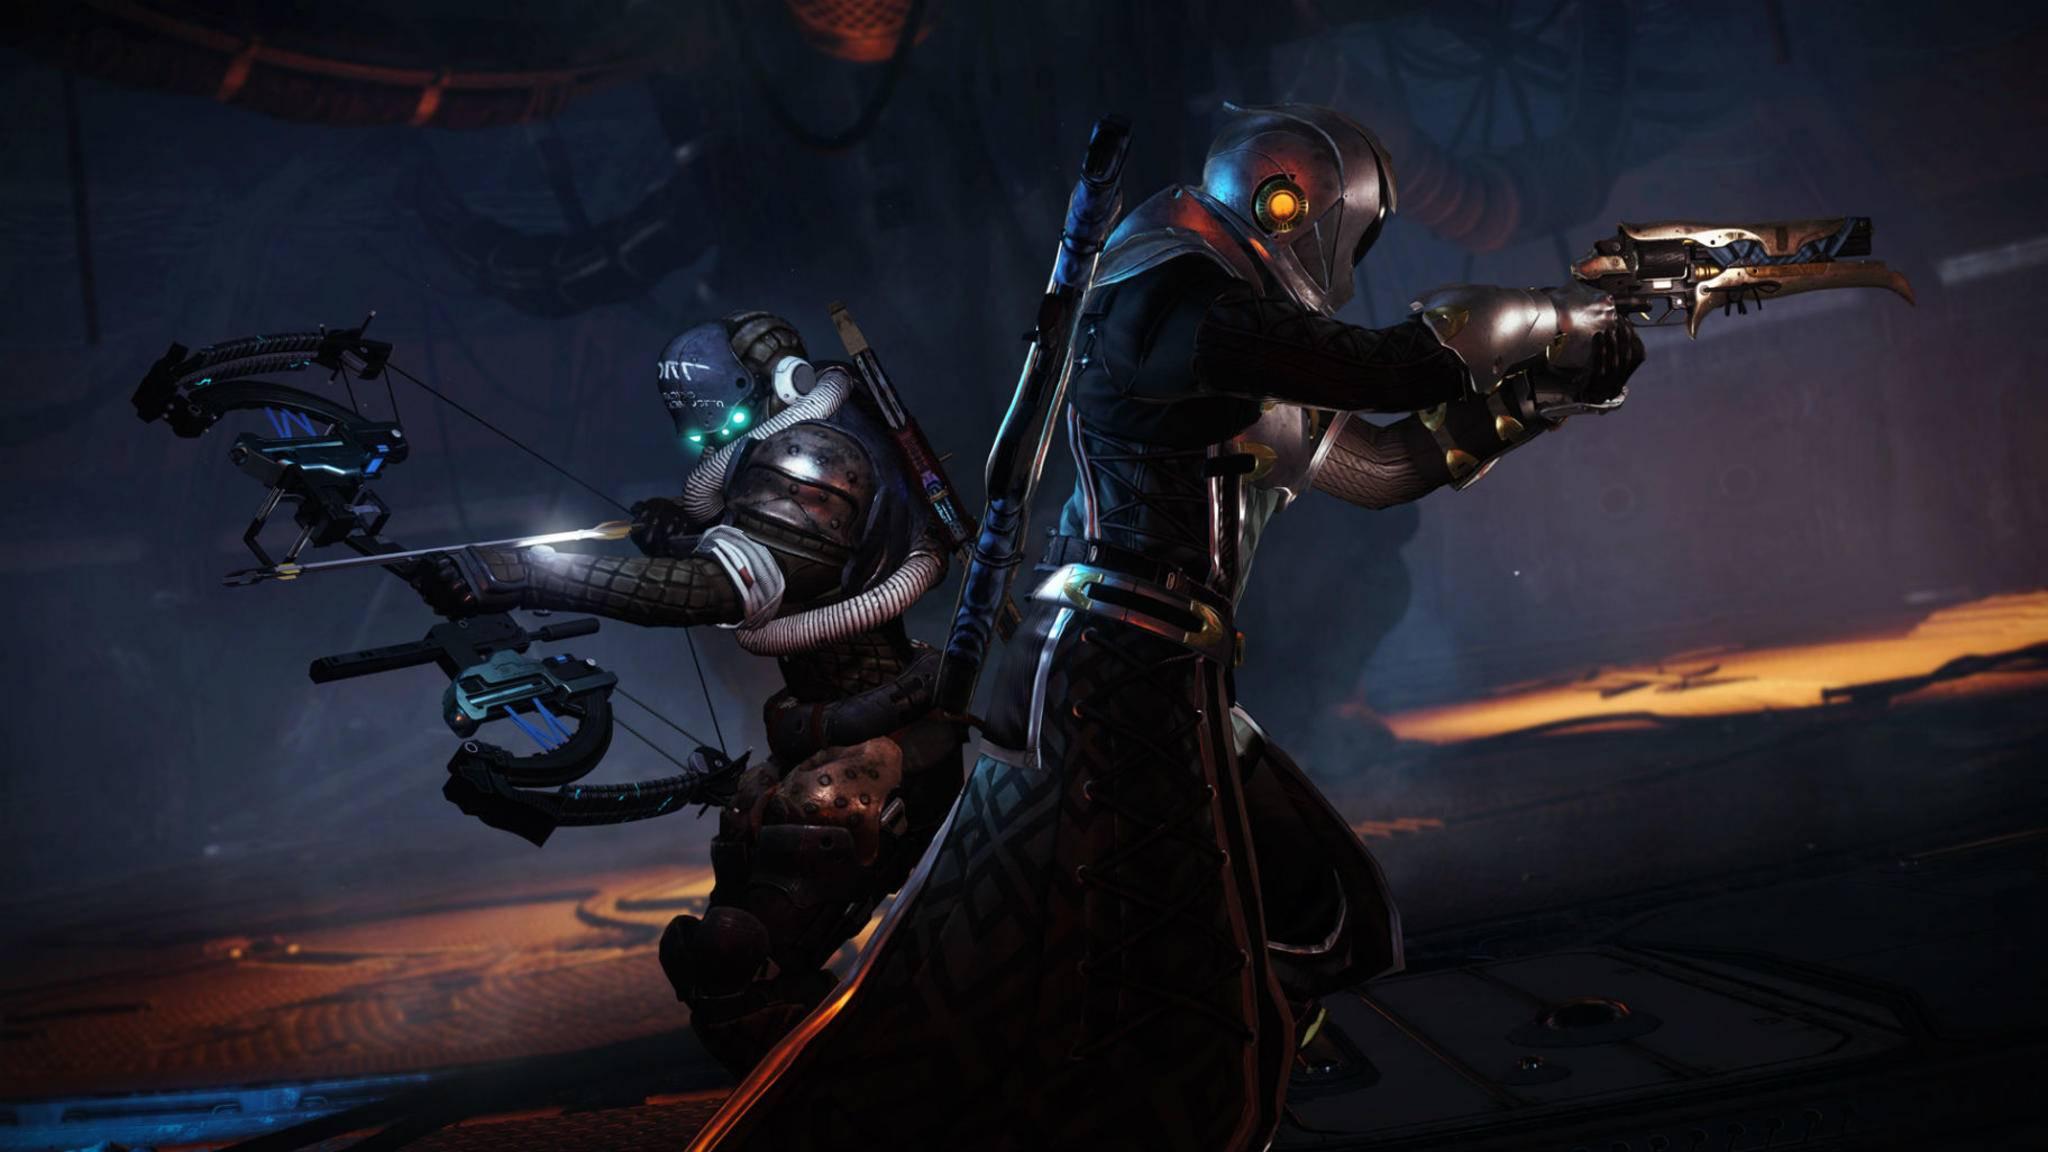 """Mit """"Destiny 2"""" wird ein einzigartiger Science-Fiction-Shooter kostenlos spielbar."""